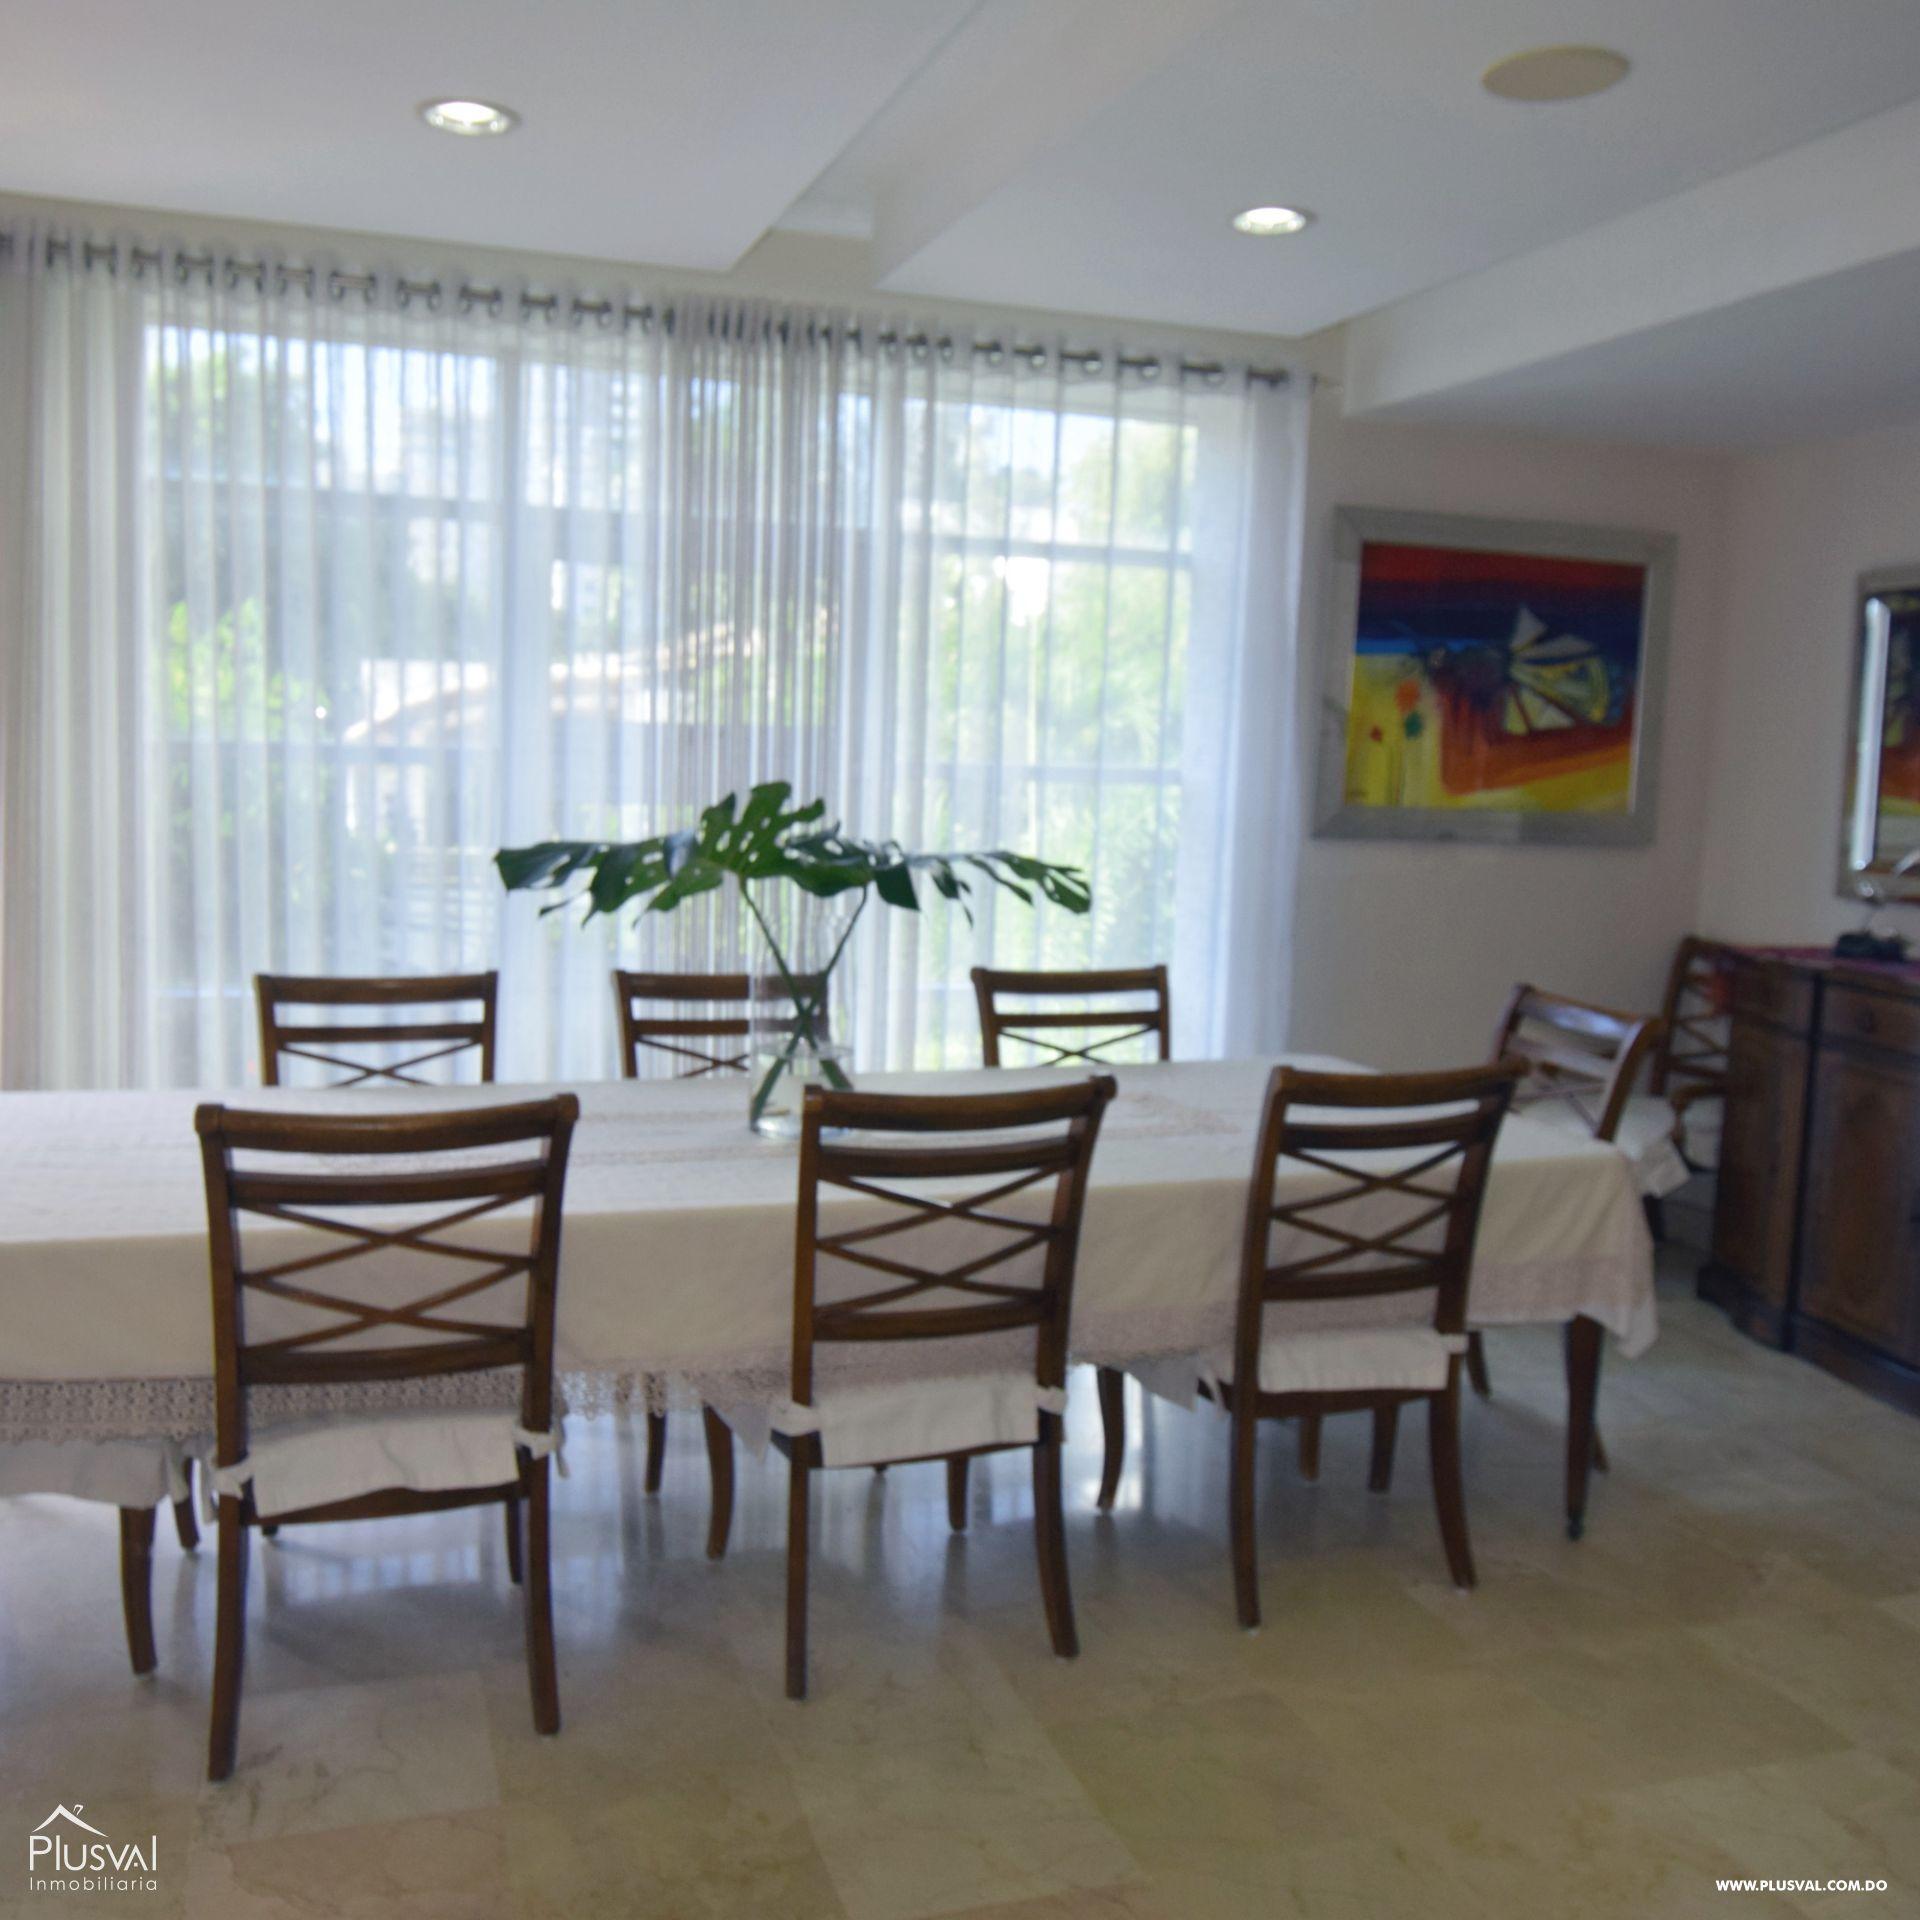 Apartamento en venta en el corazon de Piantini 167999